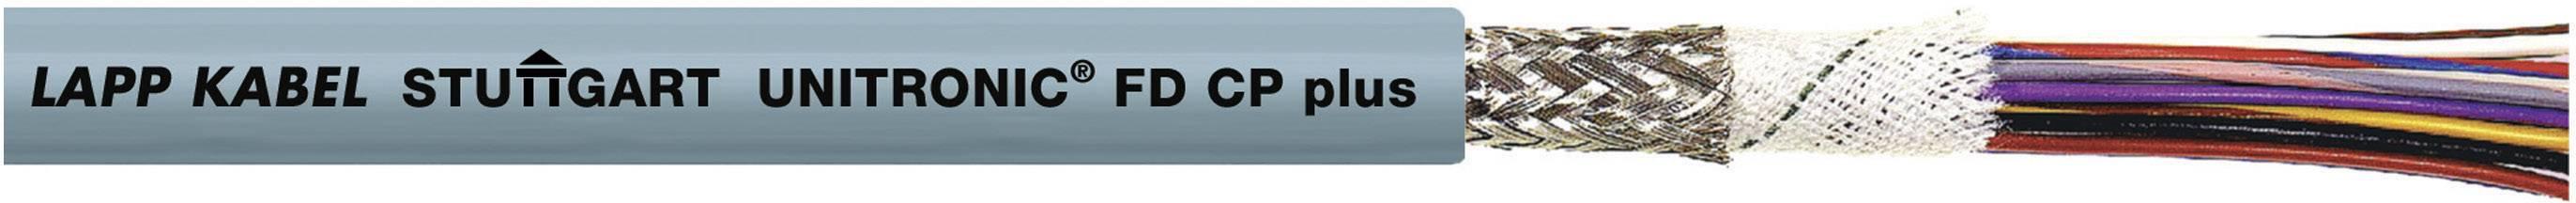 Datový kabel LappKabel UNITRONIC FD CP PLUS 2X0,34 (0028898), 2x 0,34 mm², Ø 5,3 mm, stíněný, 500 m, šedá